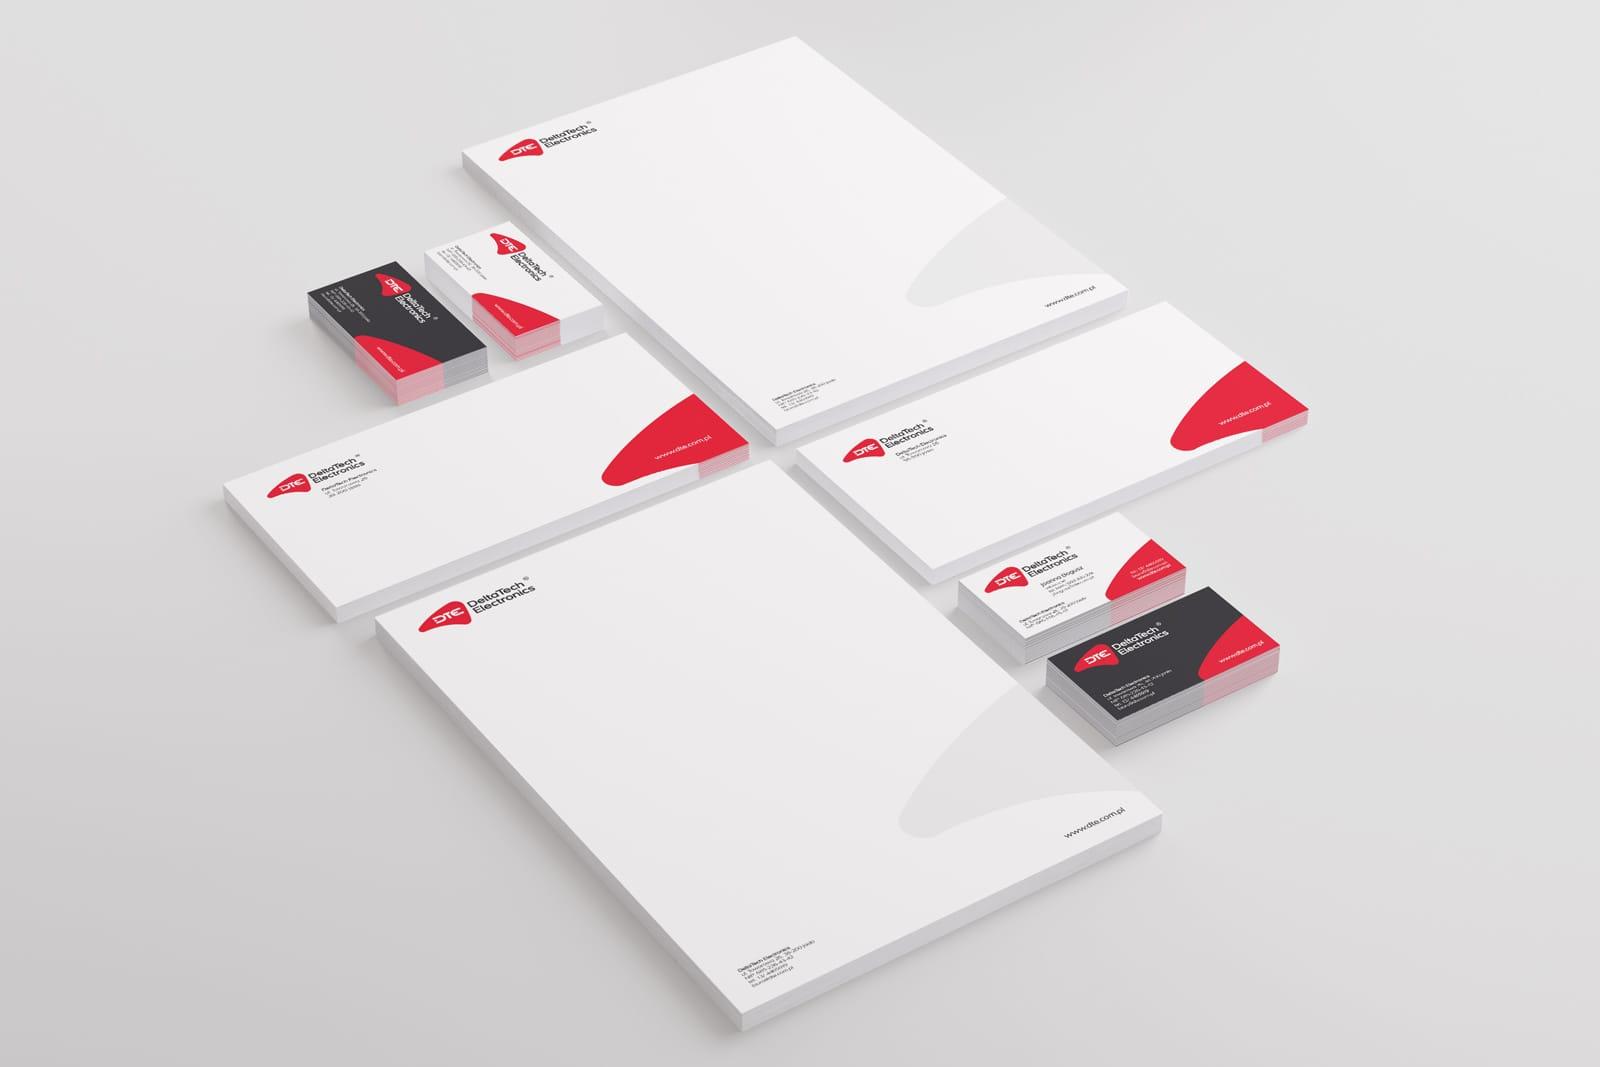 DeltaTech Electronics identyfikacja wizualna projekt rewitalizacja logo firmy identyfikacji wizualnej akcydensy firmowe Agencja brandingowa Moweli Creative